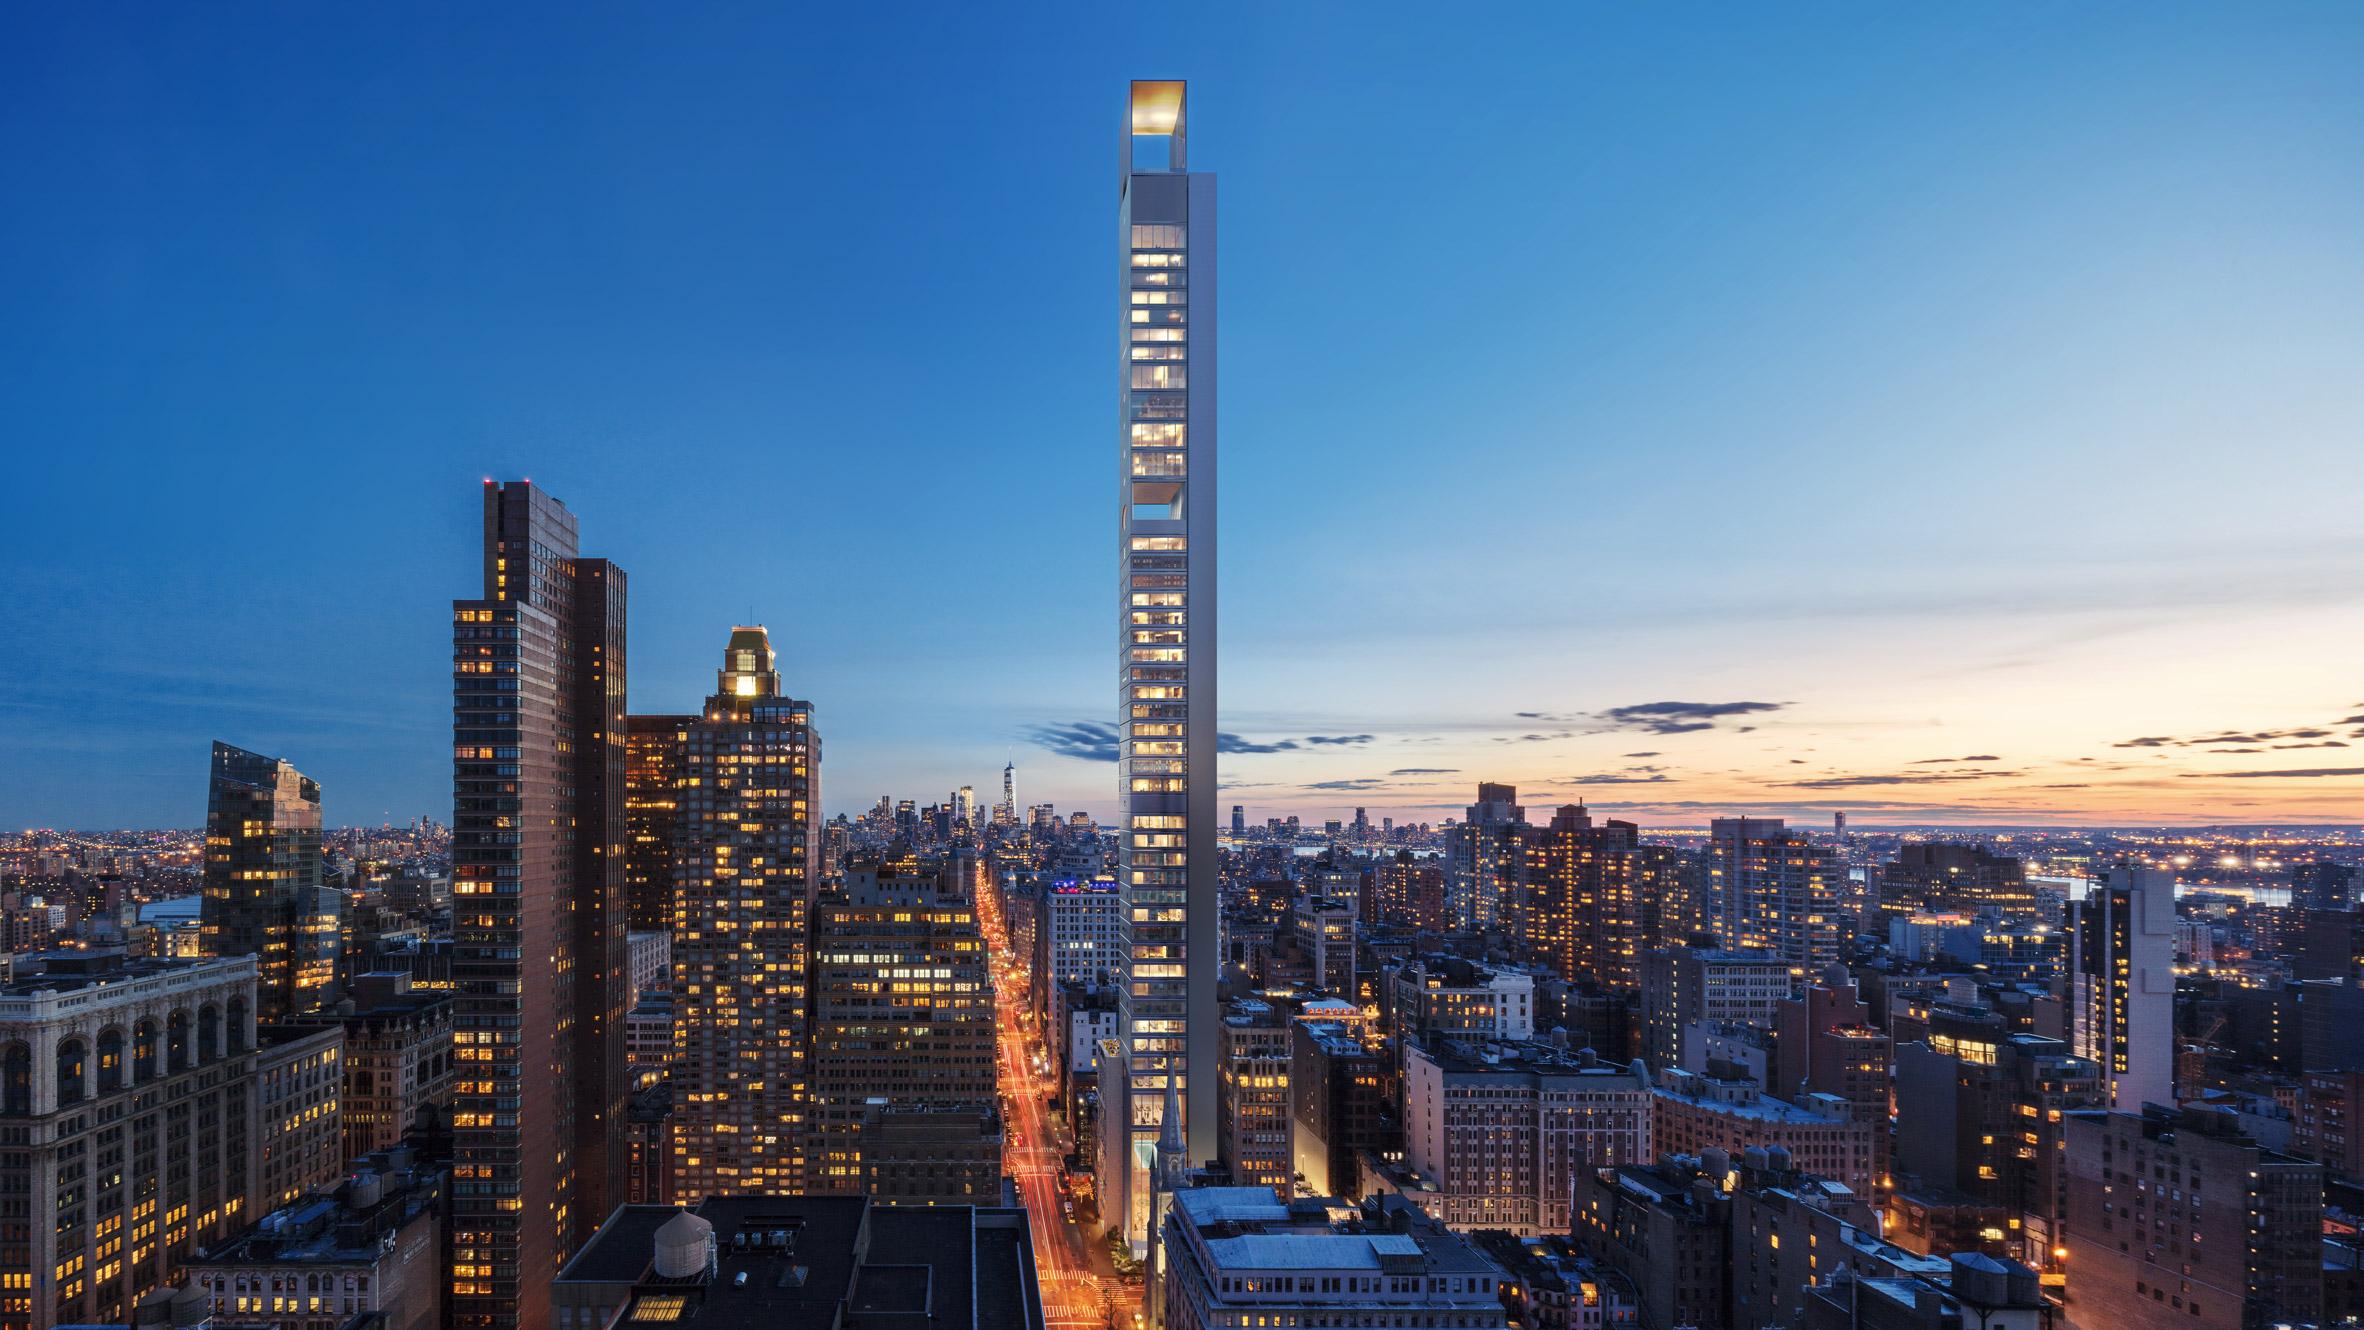 Meganom skyscraper